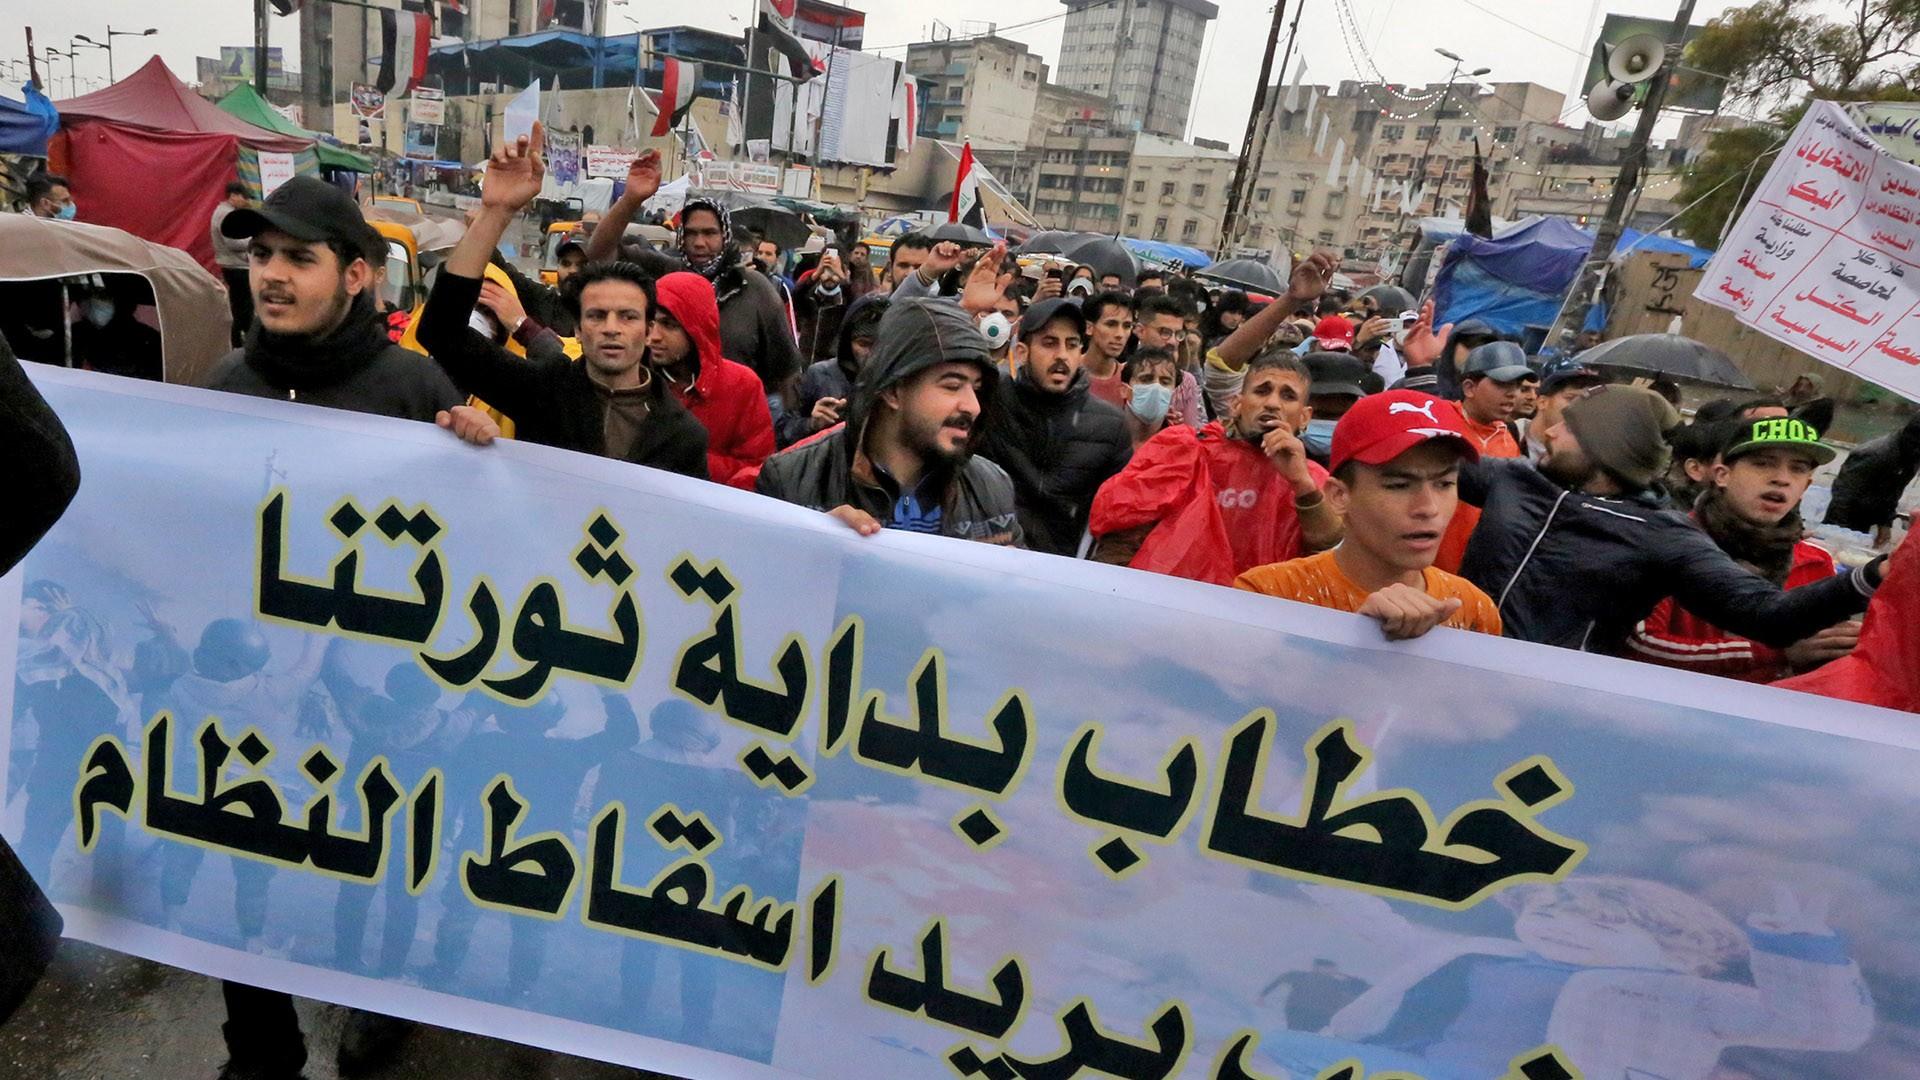 العراق-..-حكومة-علاوي-بين-رفض-الشارع-والتجاذبات-السياسية-